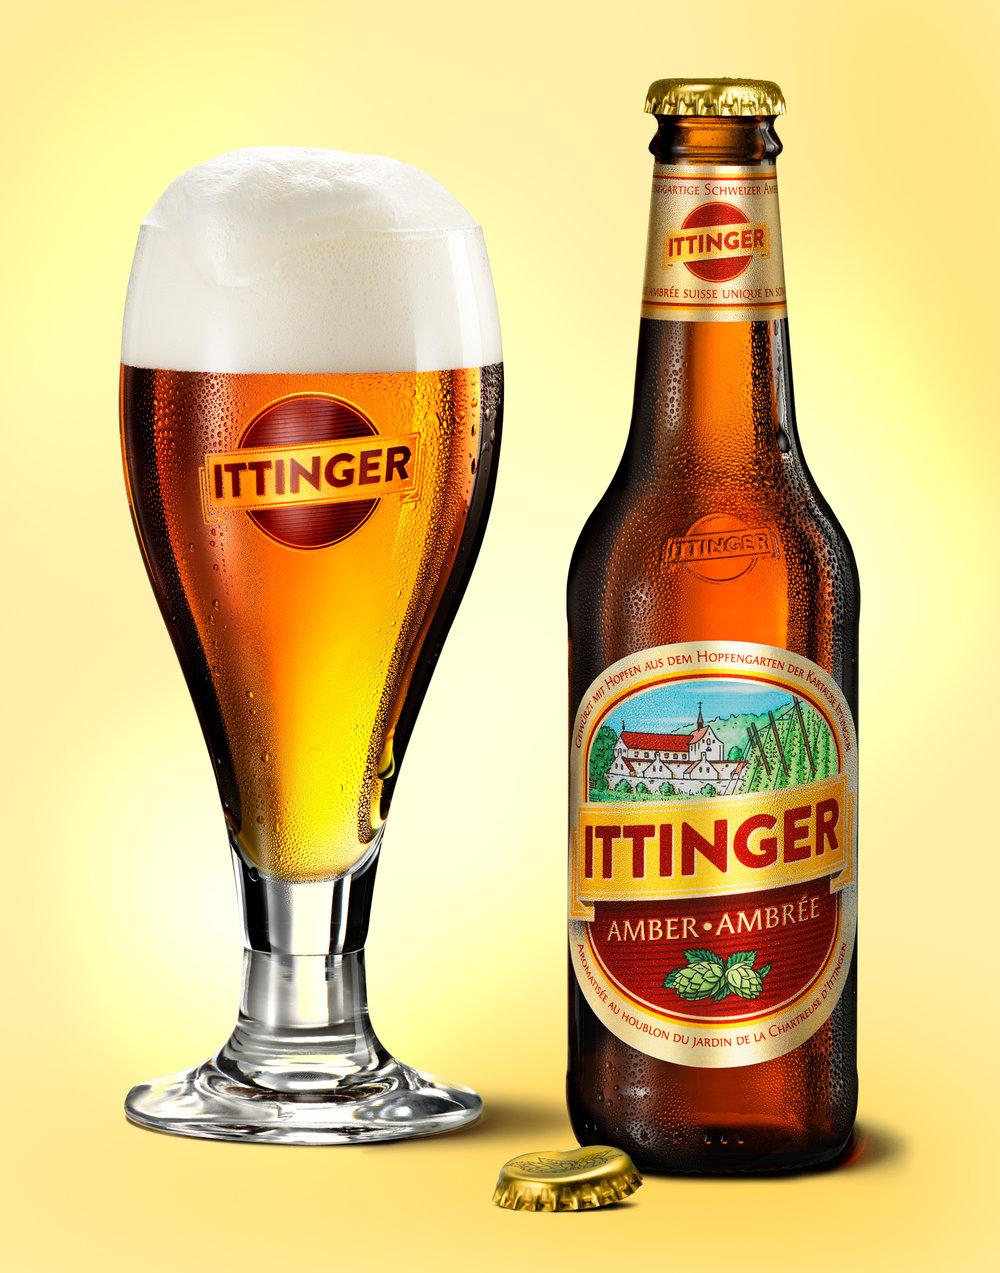 Ittinger Klosterbäu